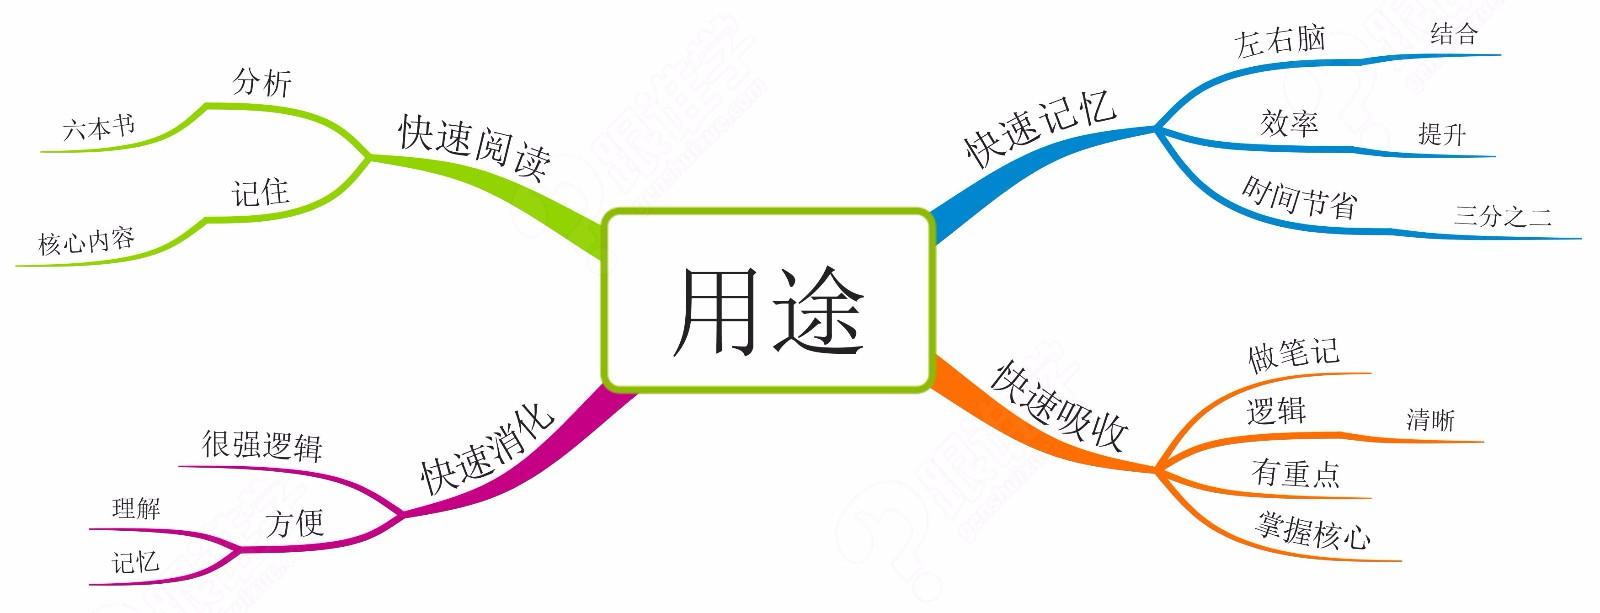 桂林思维导图训练_诚信经营其他教育、培训